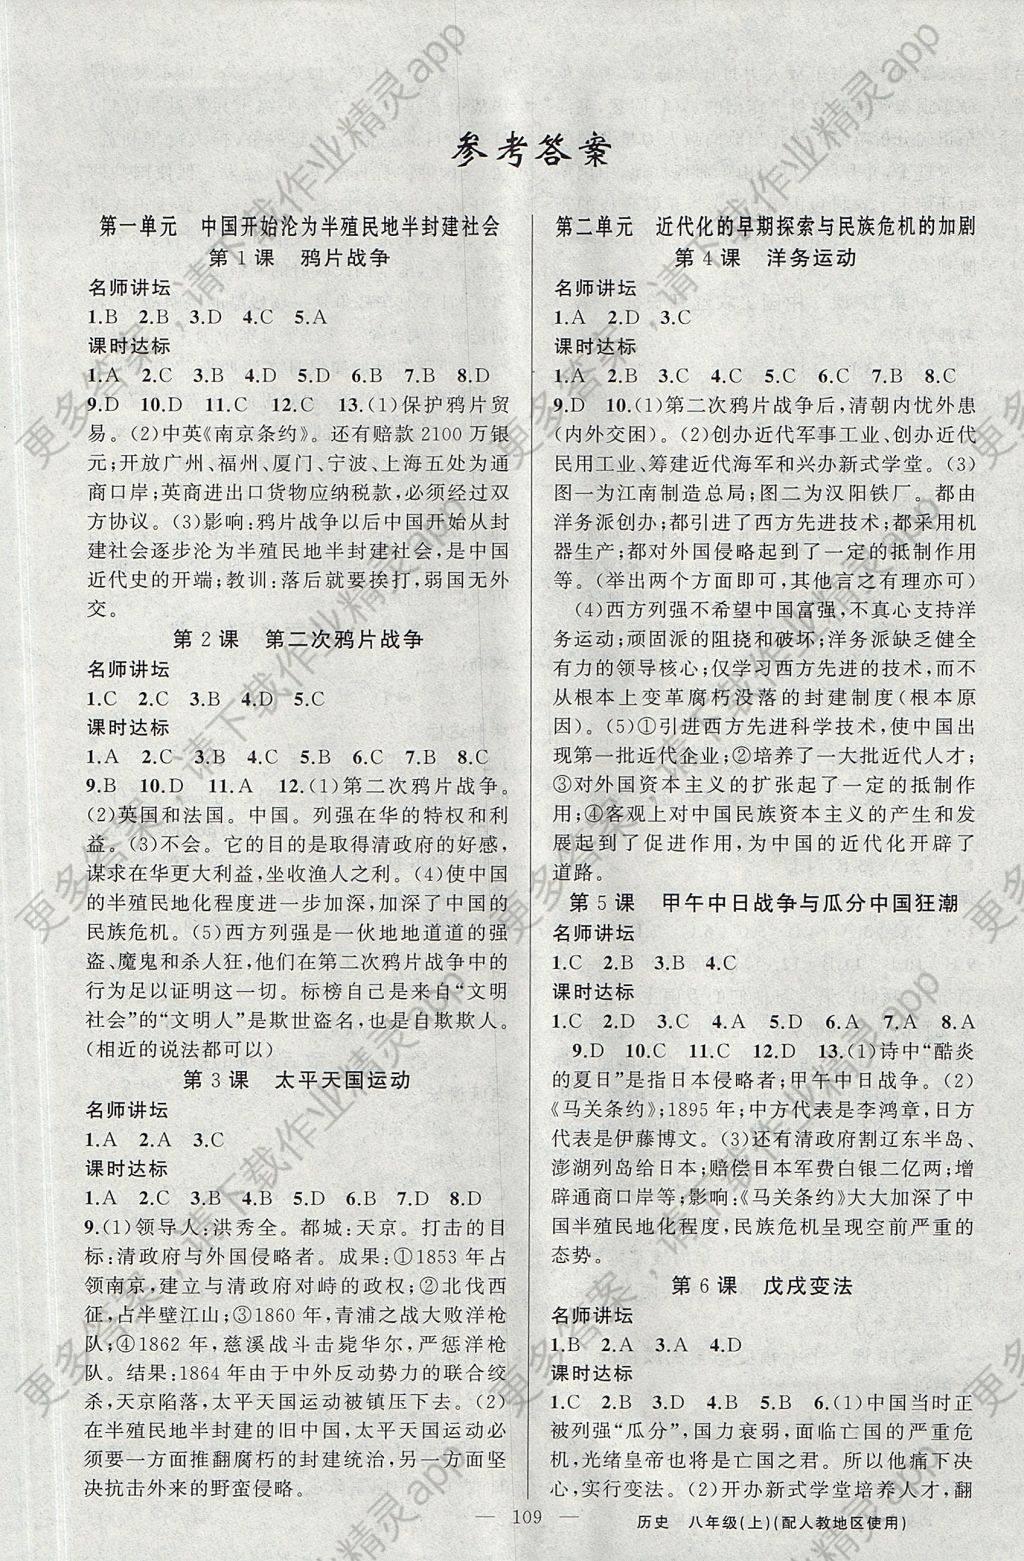 2017年黄冈金牌之路练闯考八年级历史上册人教版 参考答案